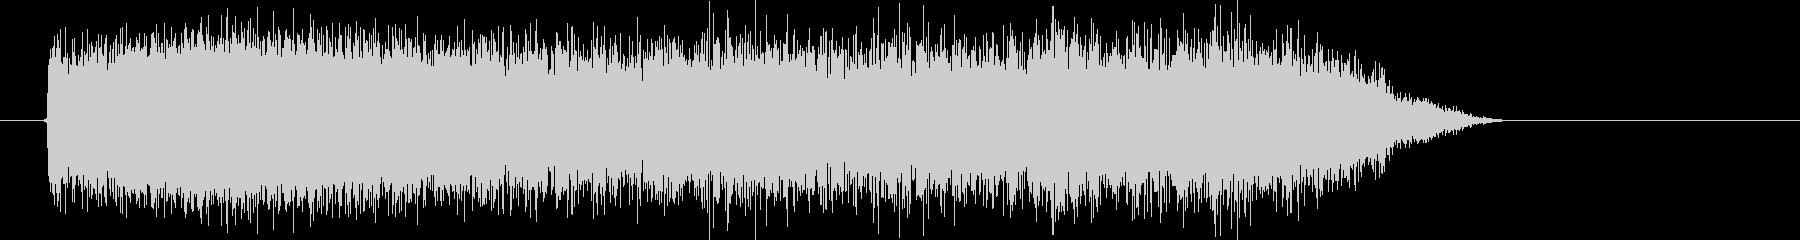 チャーンチャァーン(神秘的な登場音)の未再生の波形